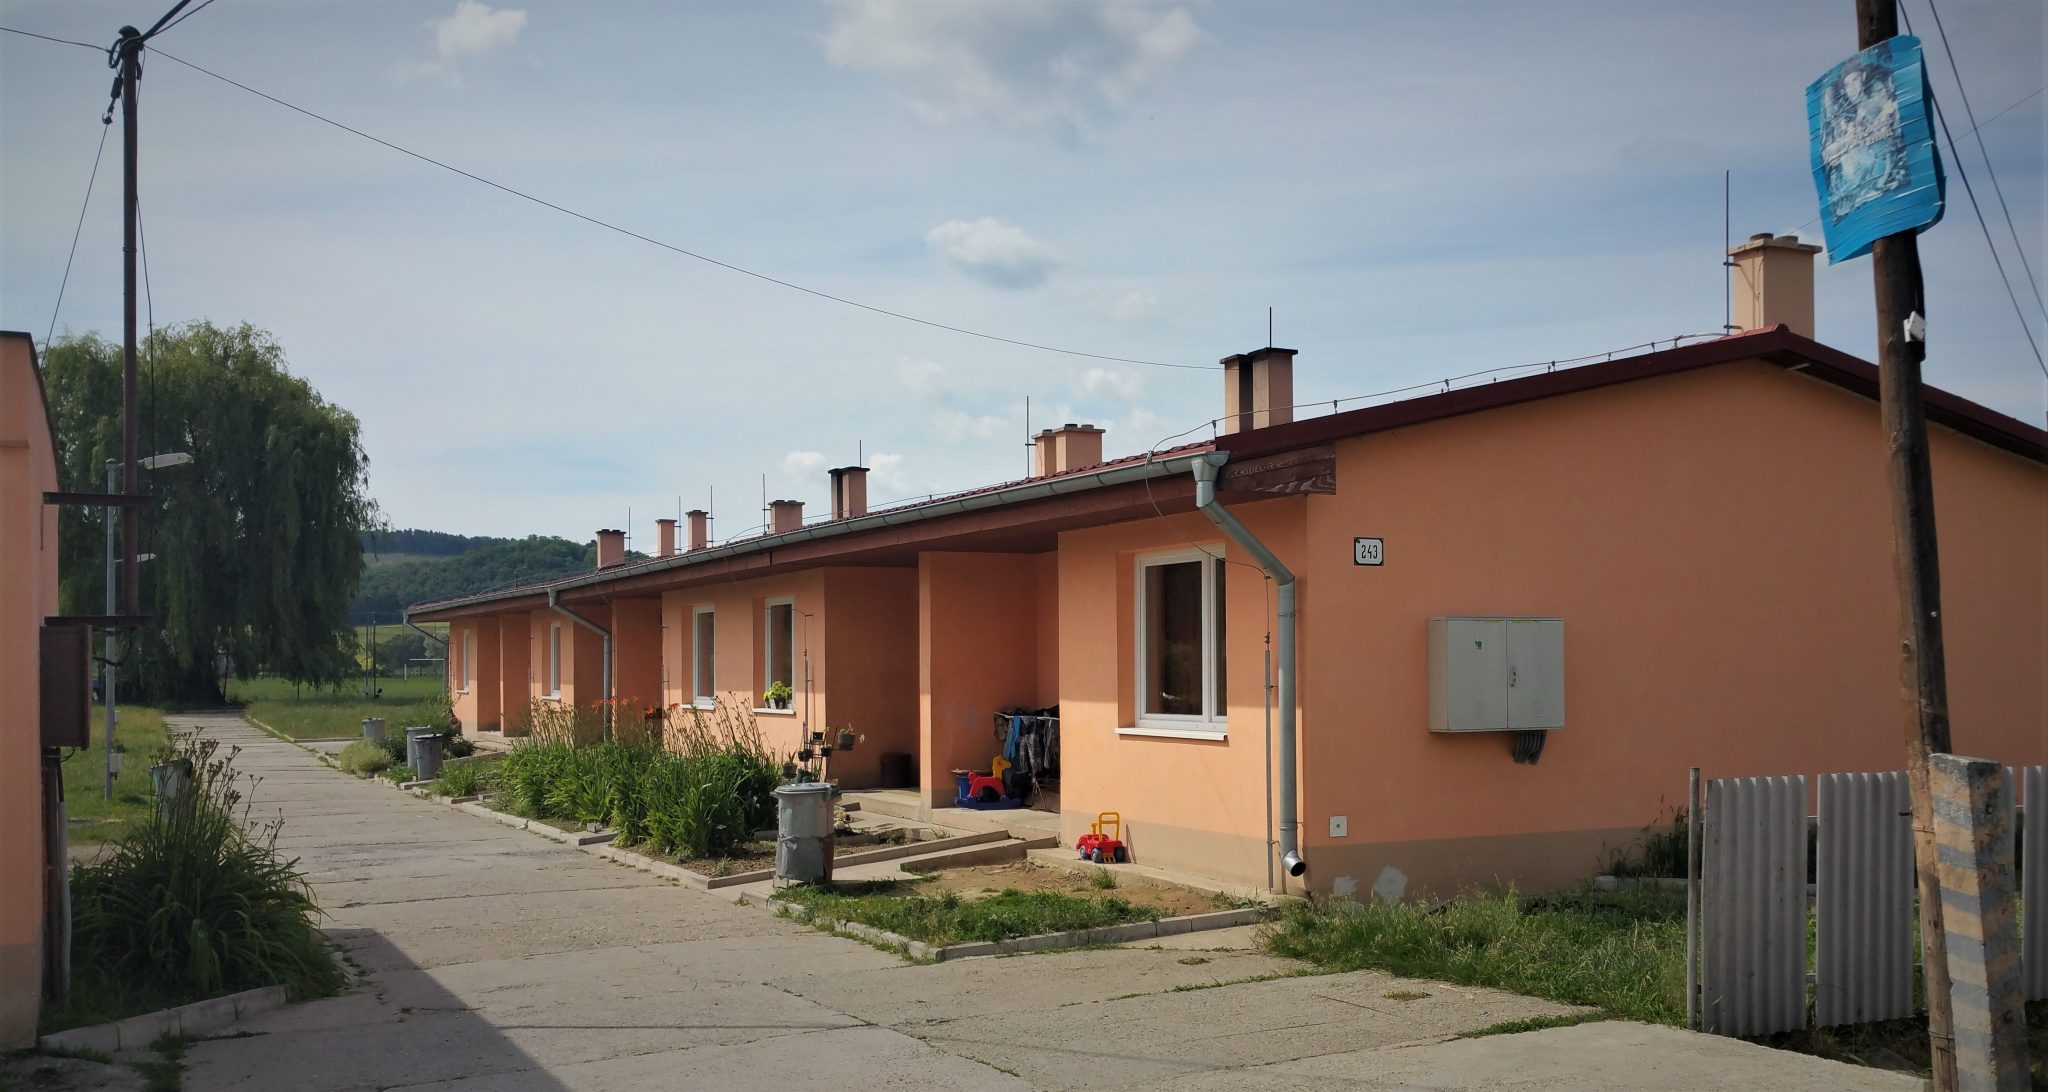 Vicepremiérka Remišová: Na podporu bývania pre ľudí ohrozených chudobou pôjde 5,65 milióna eur